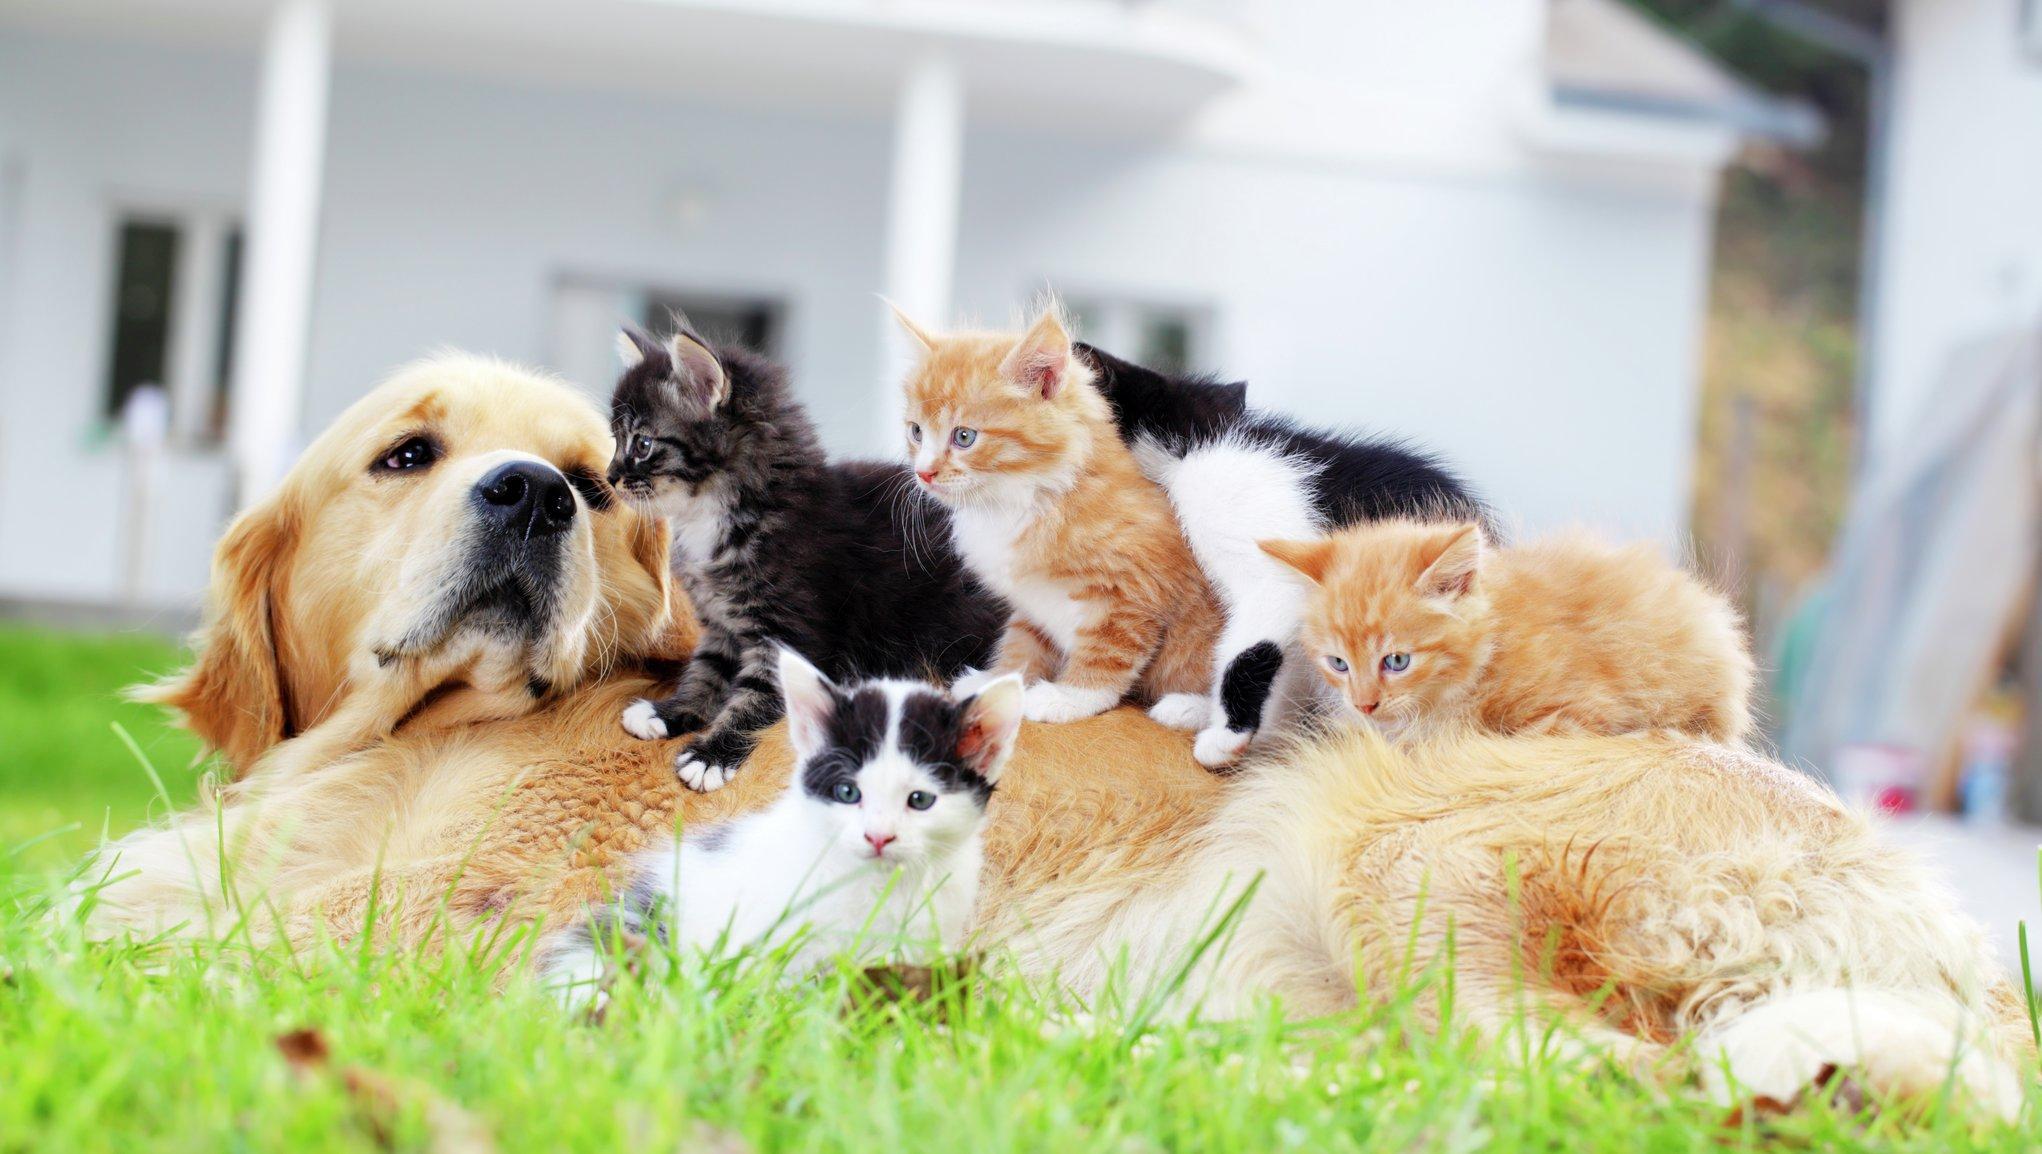 Mājdzīvnieka apdrošināšana var pasargāt no neparedzētiem izdevumiem, ja mīlulis saslimst